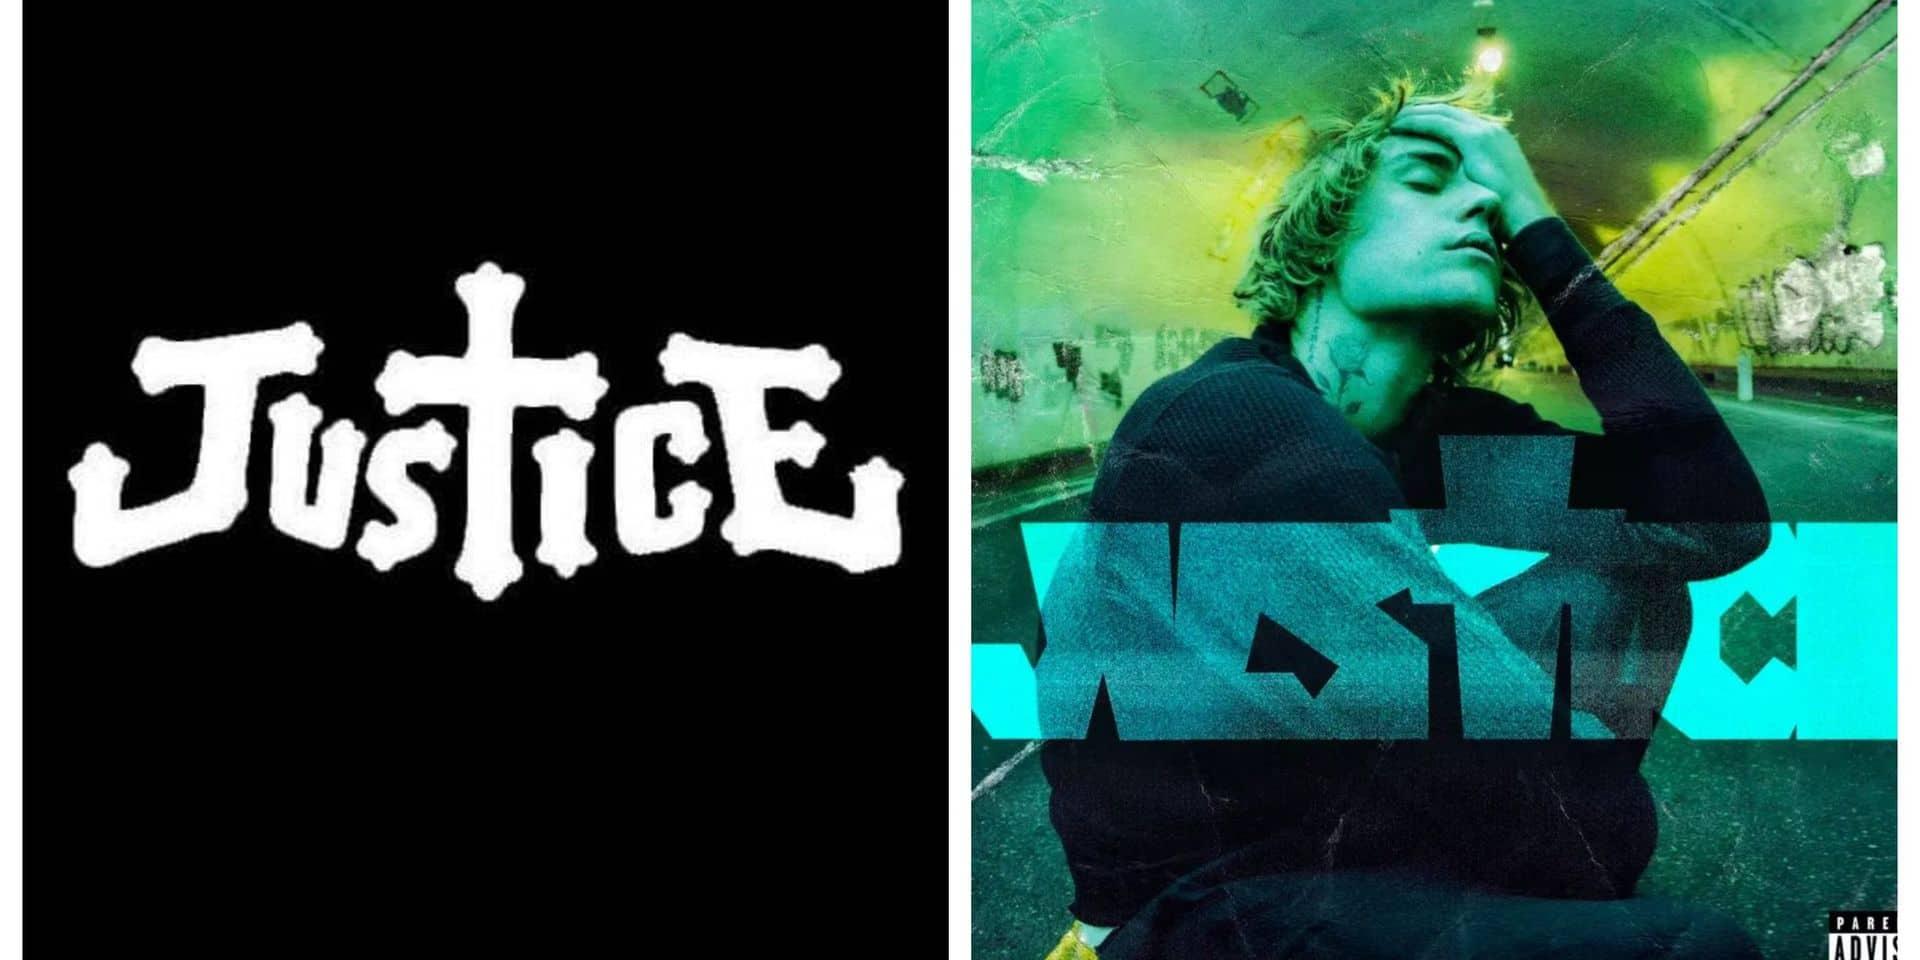 Avec son nouvel album, Justin Bieber risque d'avoir de sérieux problèmes avec (la) Justice